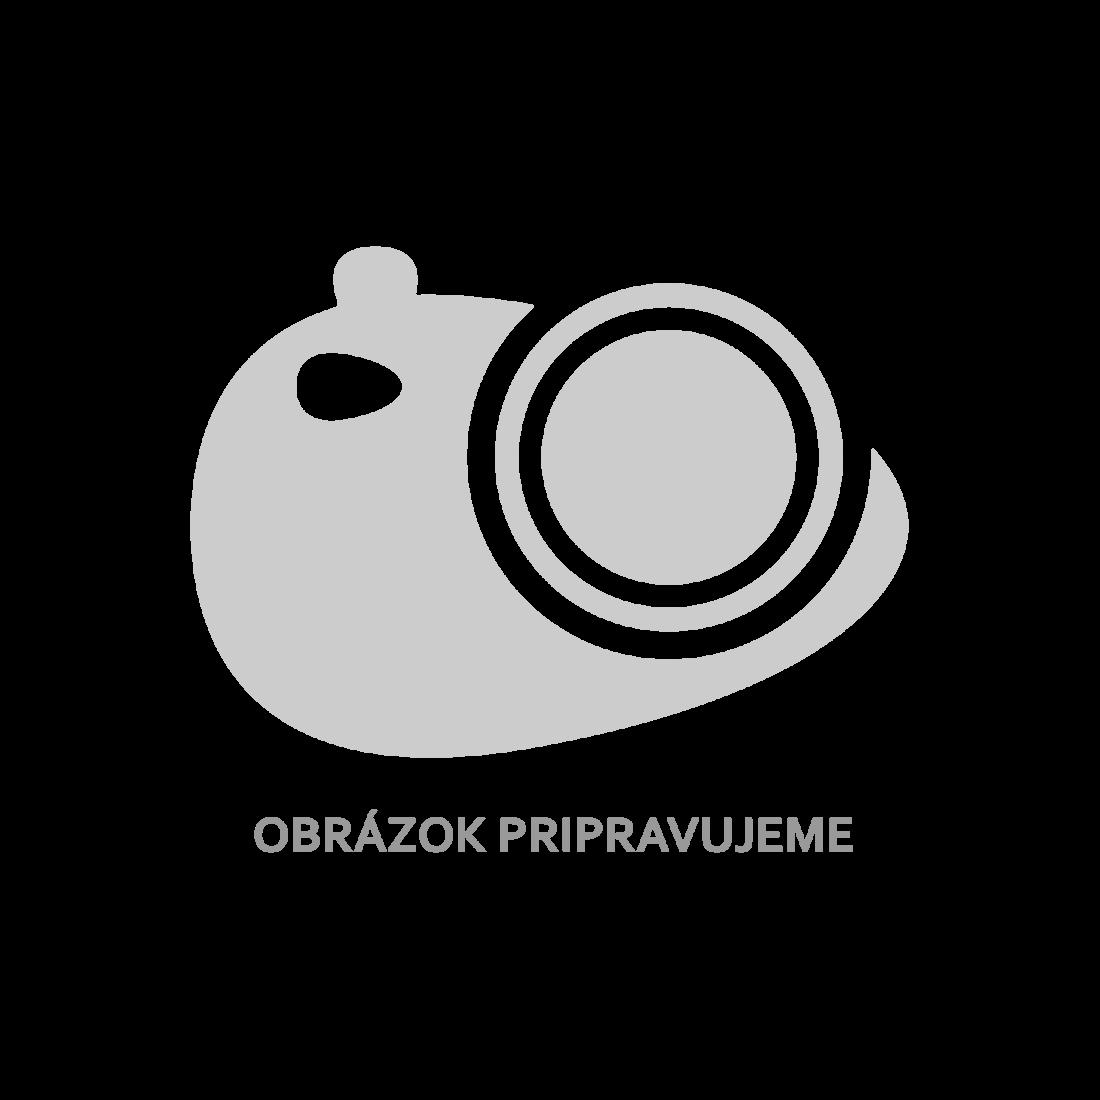 vidaXL Bistro stolek bílý 70 x 70 x 72 cm plast [48799]